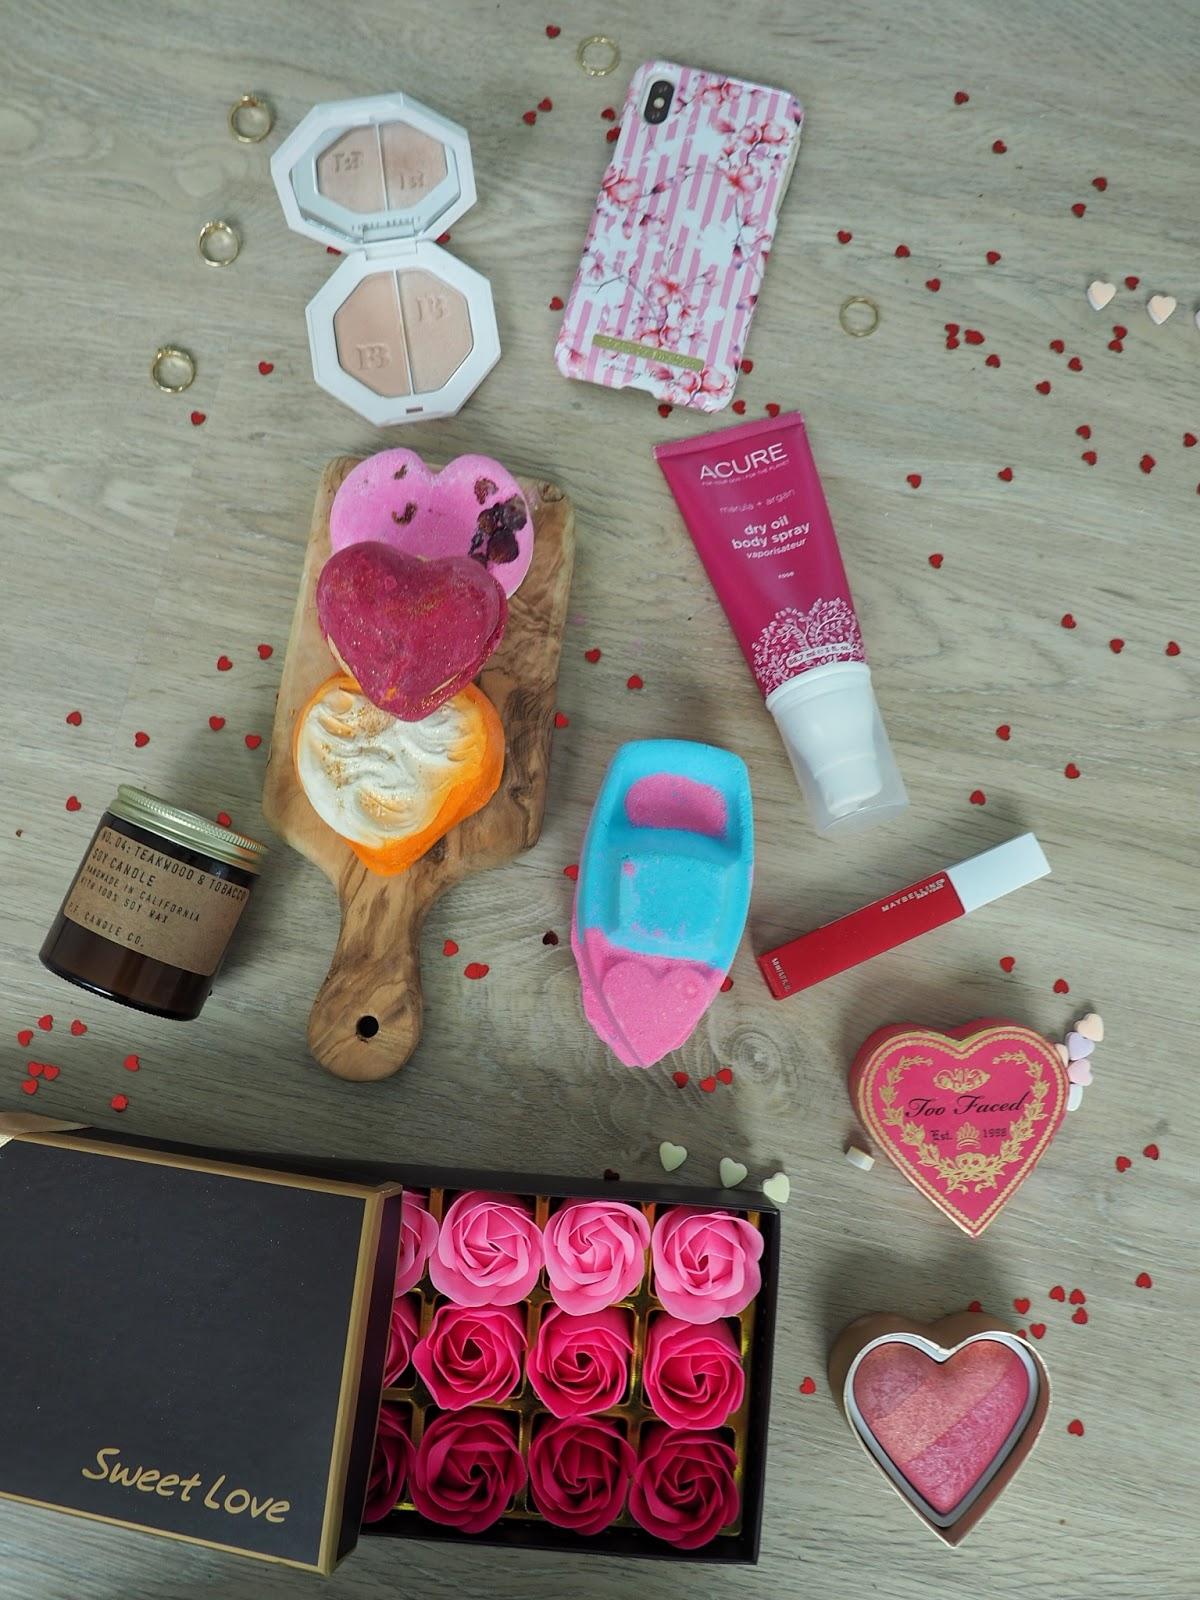 seattle blogger lifestyle beauty flatlay candle lush fenty